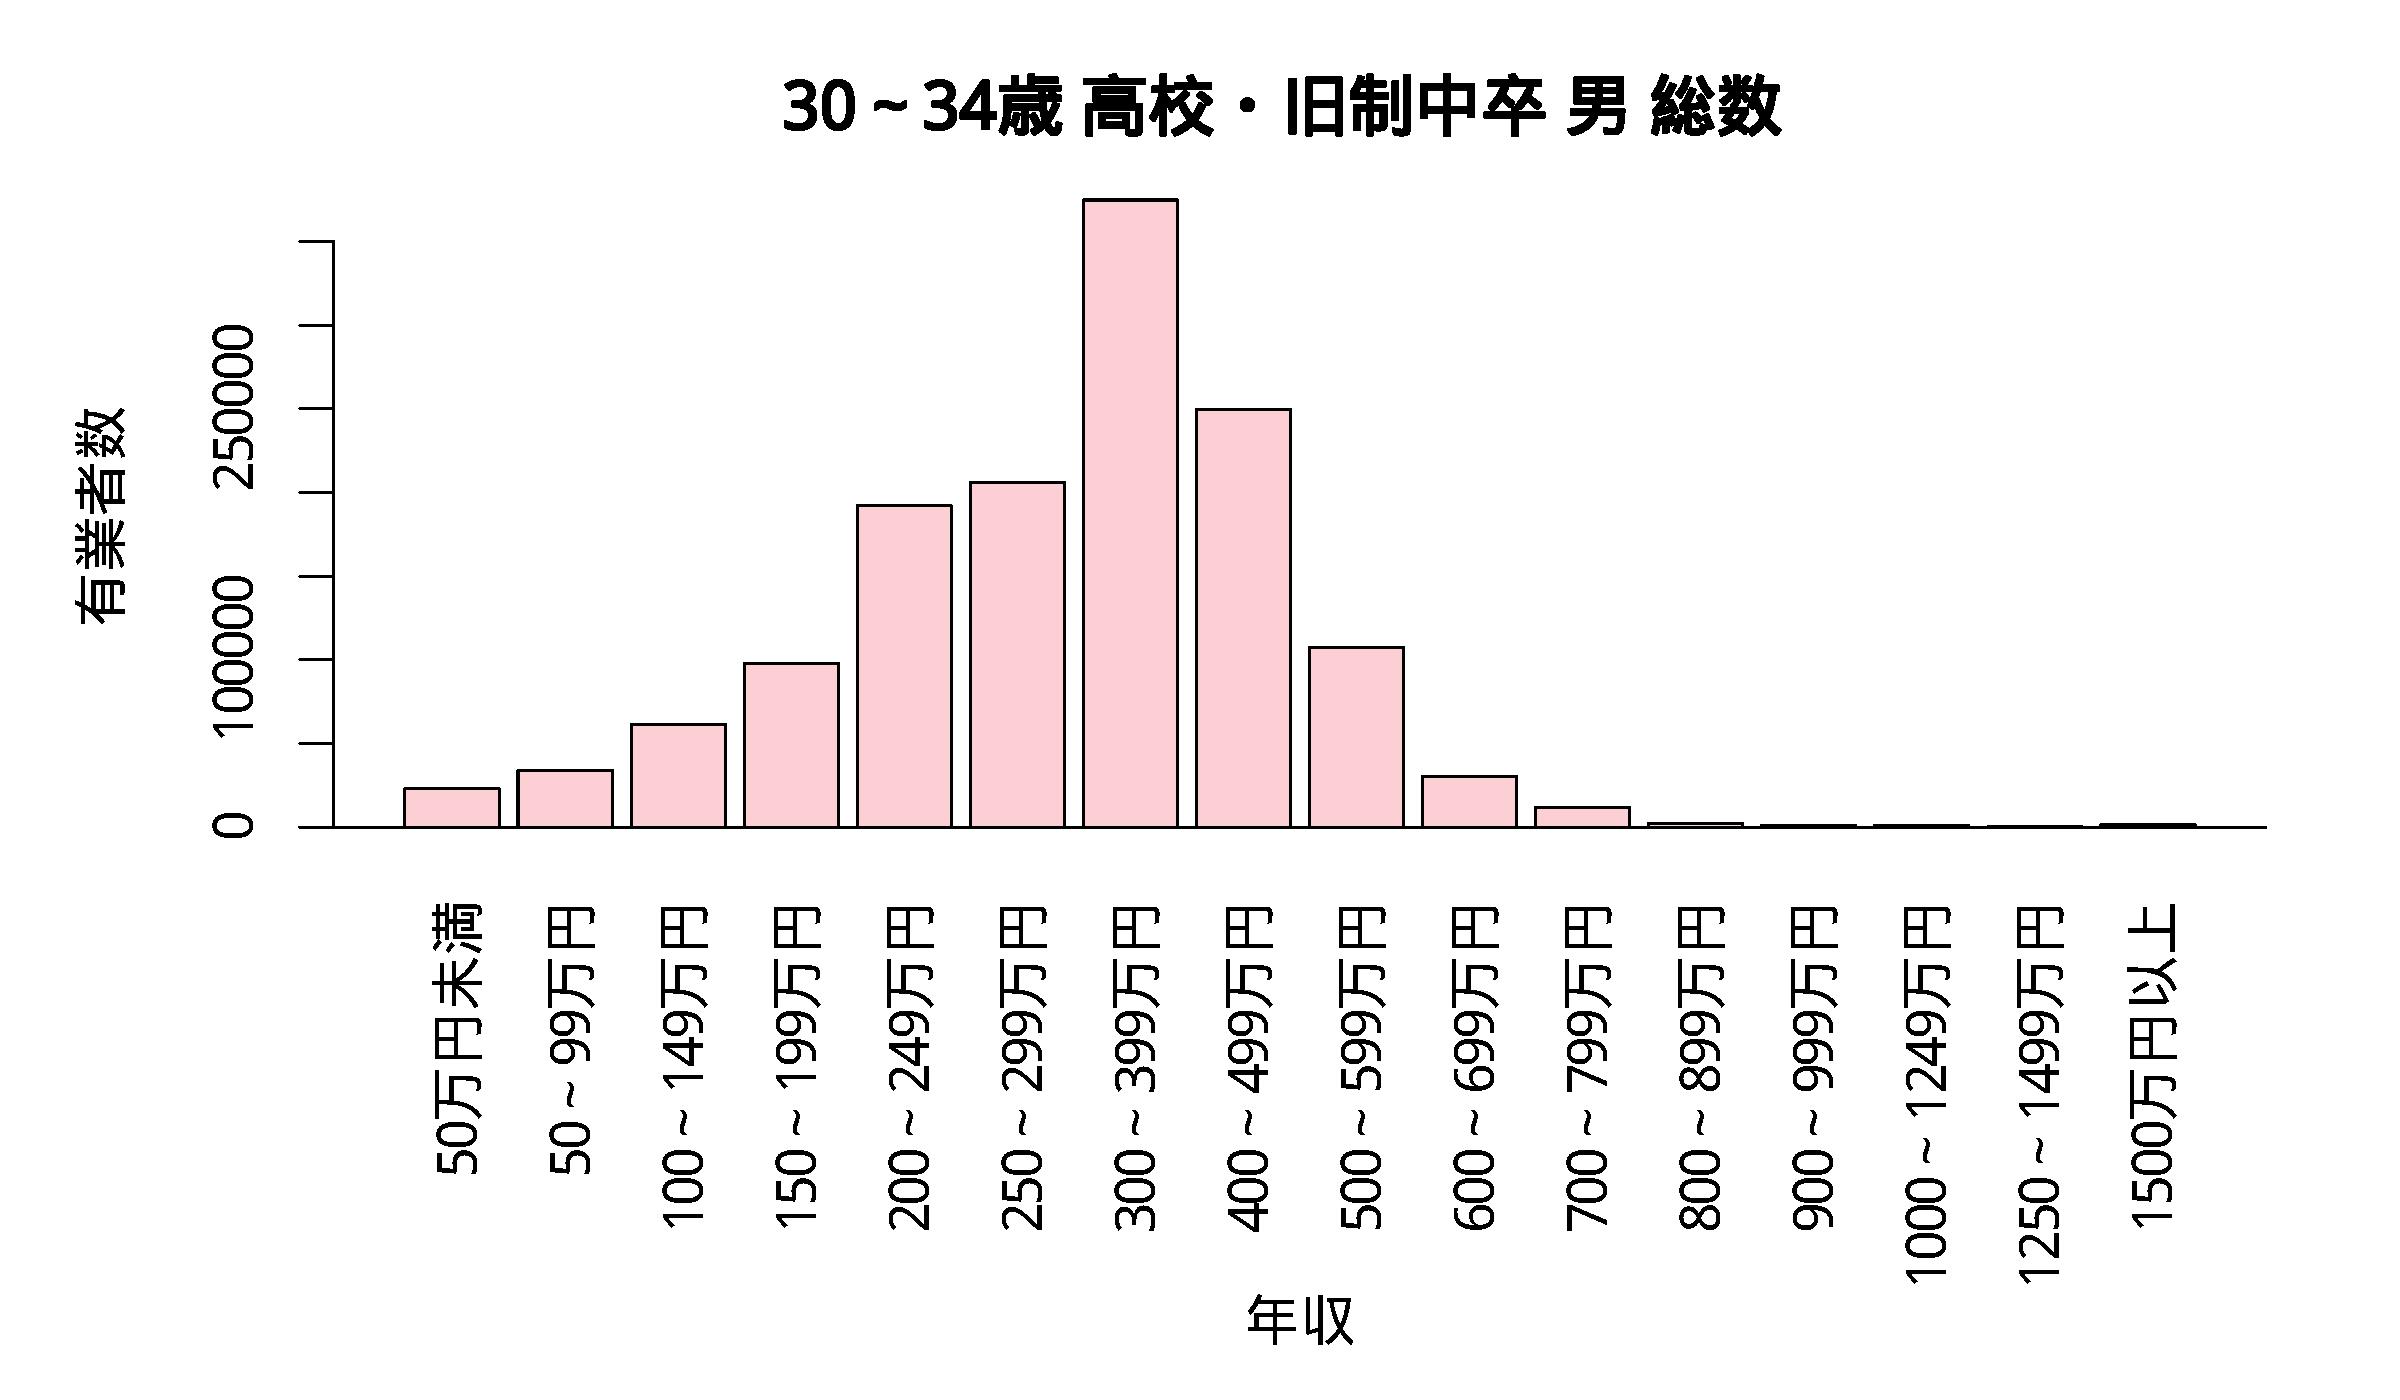 年収分布 30~34歳 高校・旧制中卒 男 総数